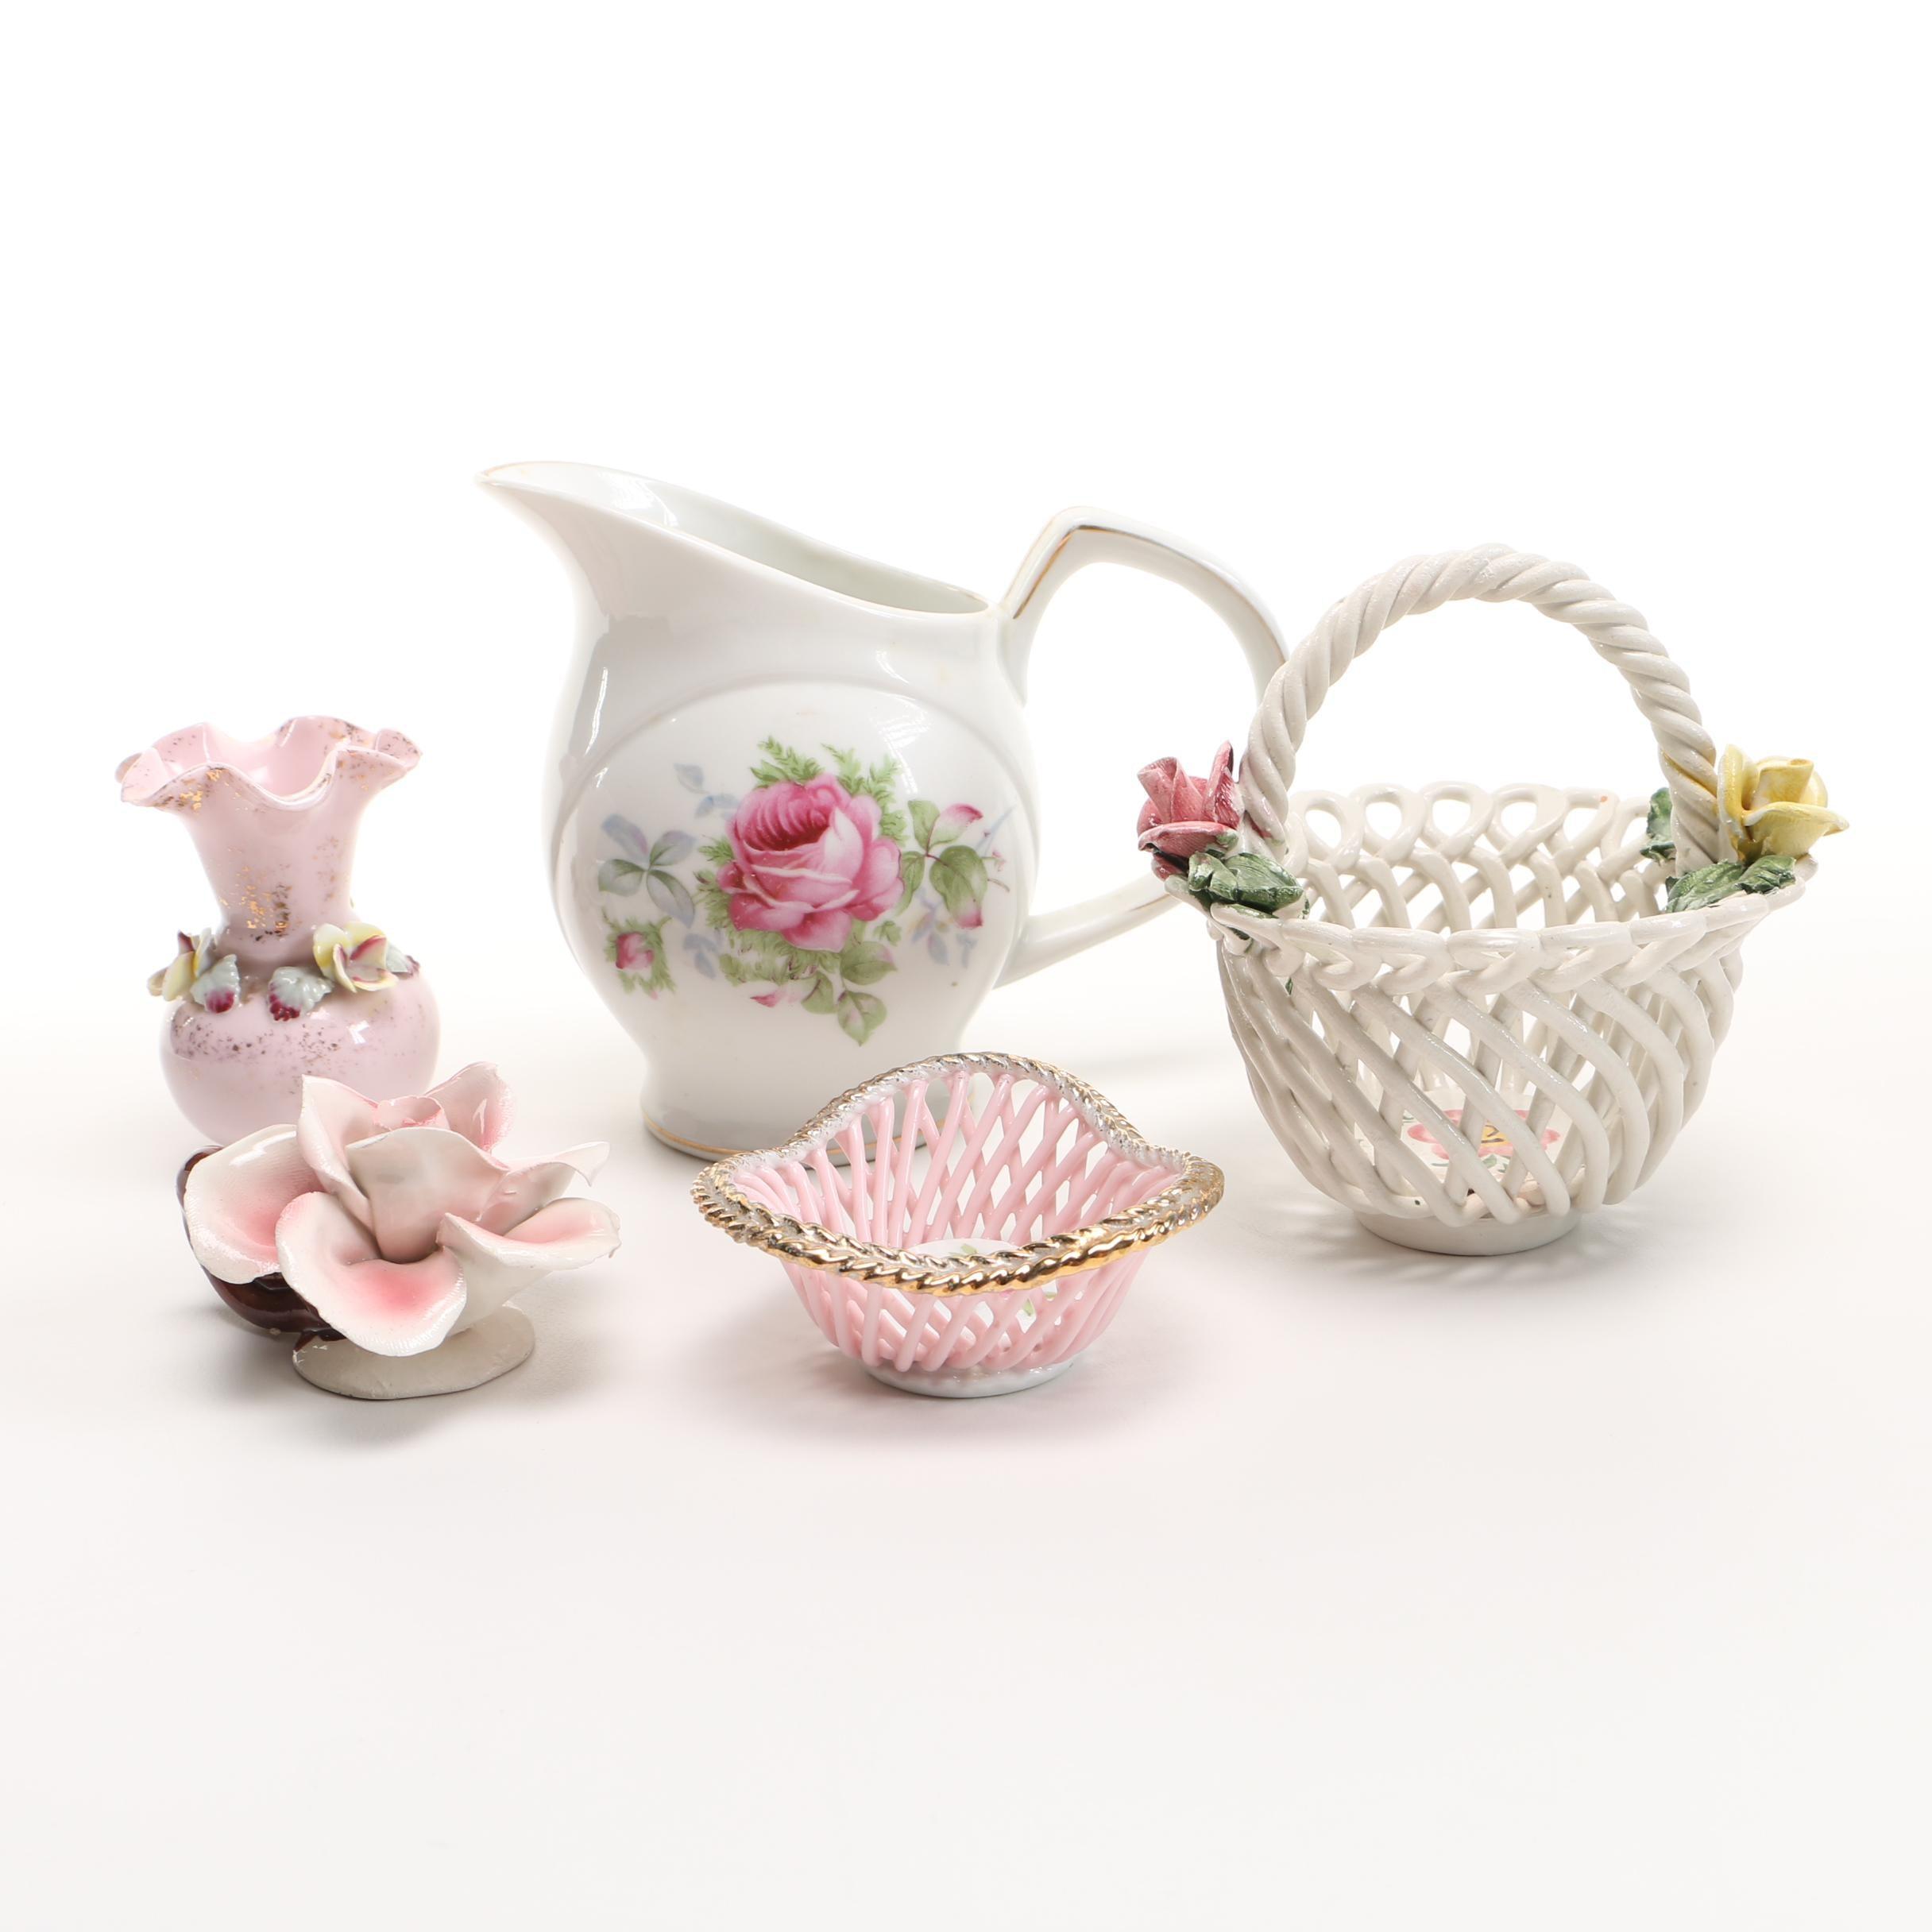 Collection of Porcelain Floral Décor